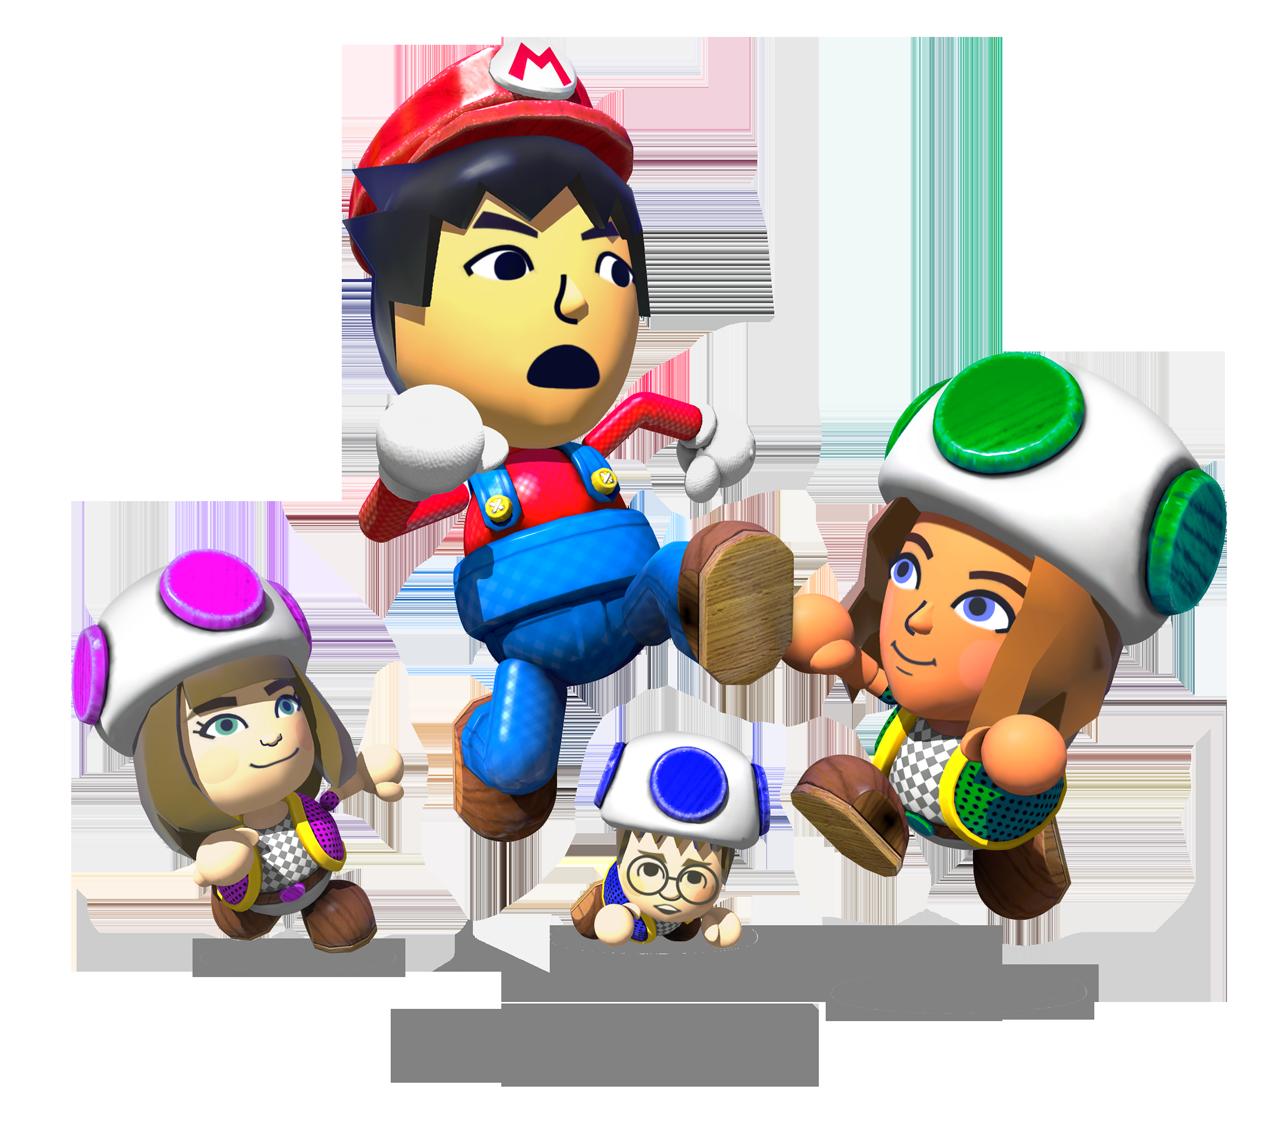 Nintendo-land-characters-2